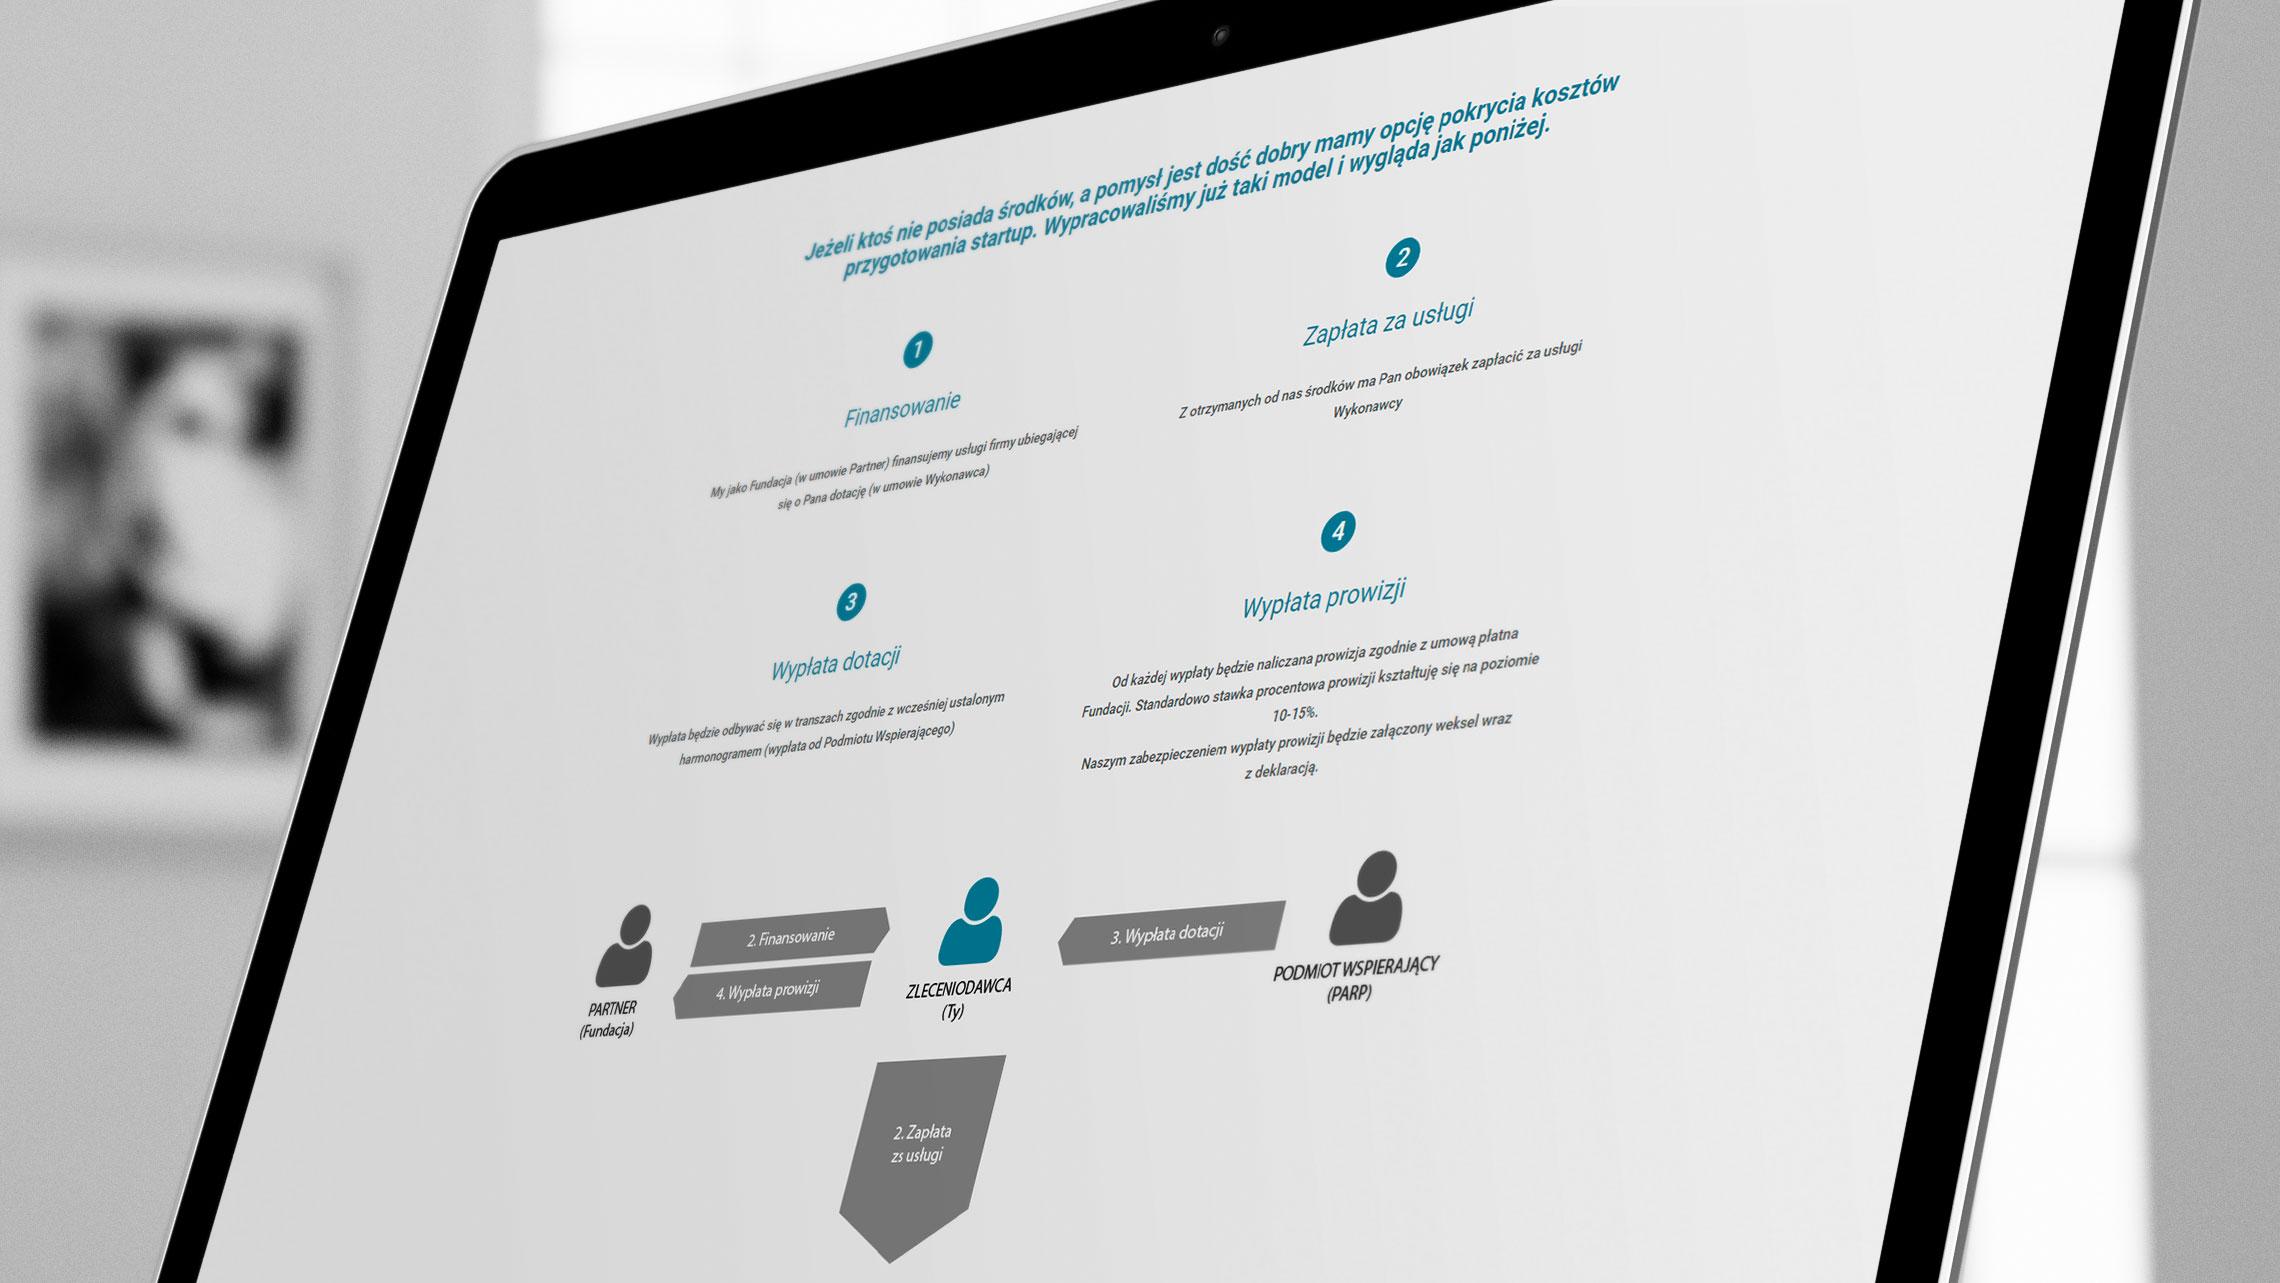 Sekcja start-up nastronie internetowej fundacji Rex SG